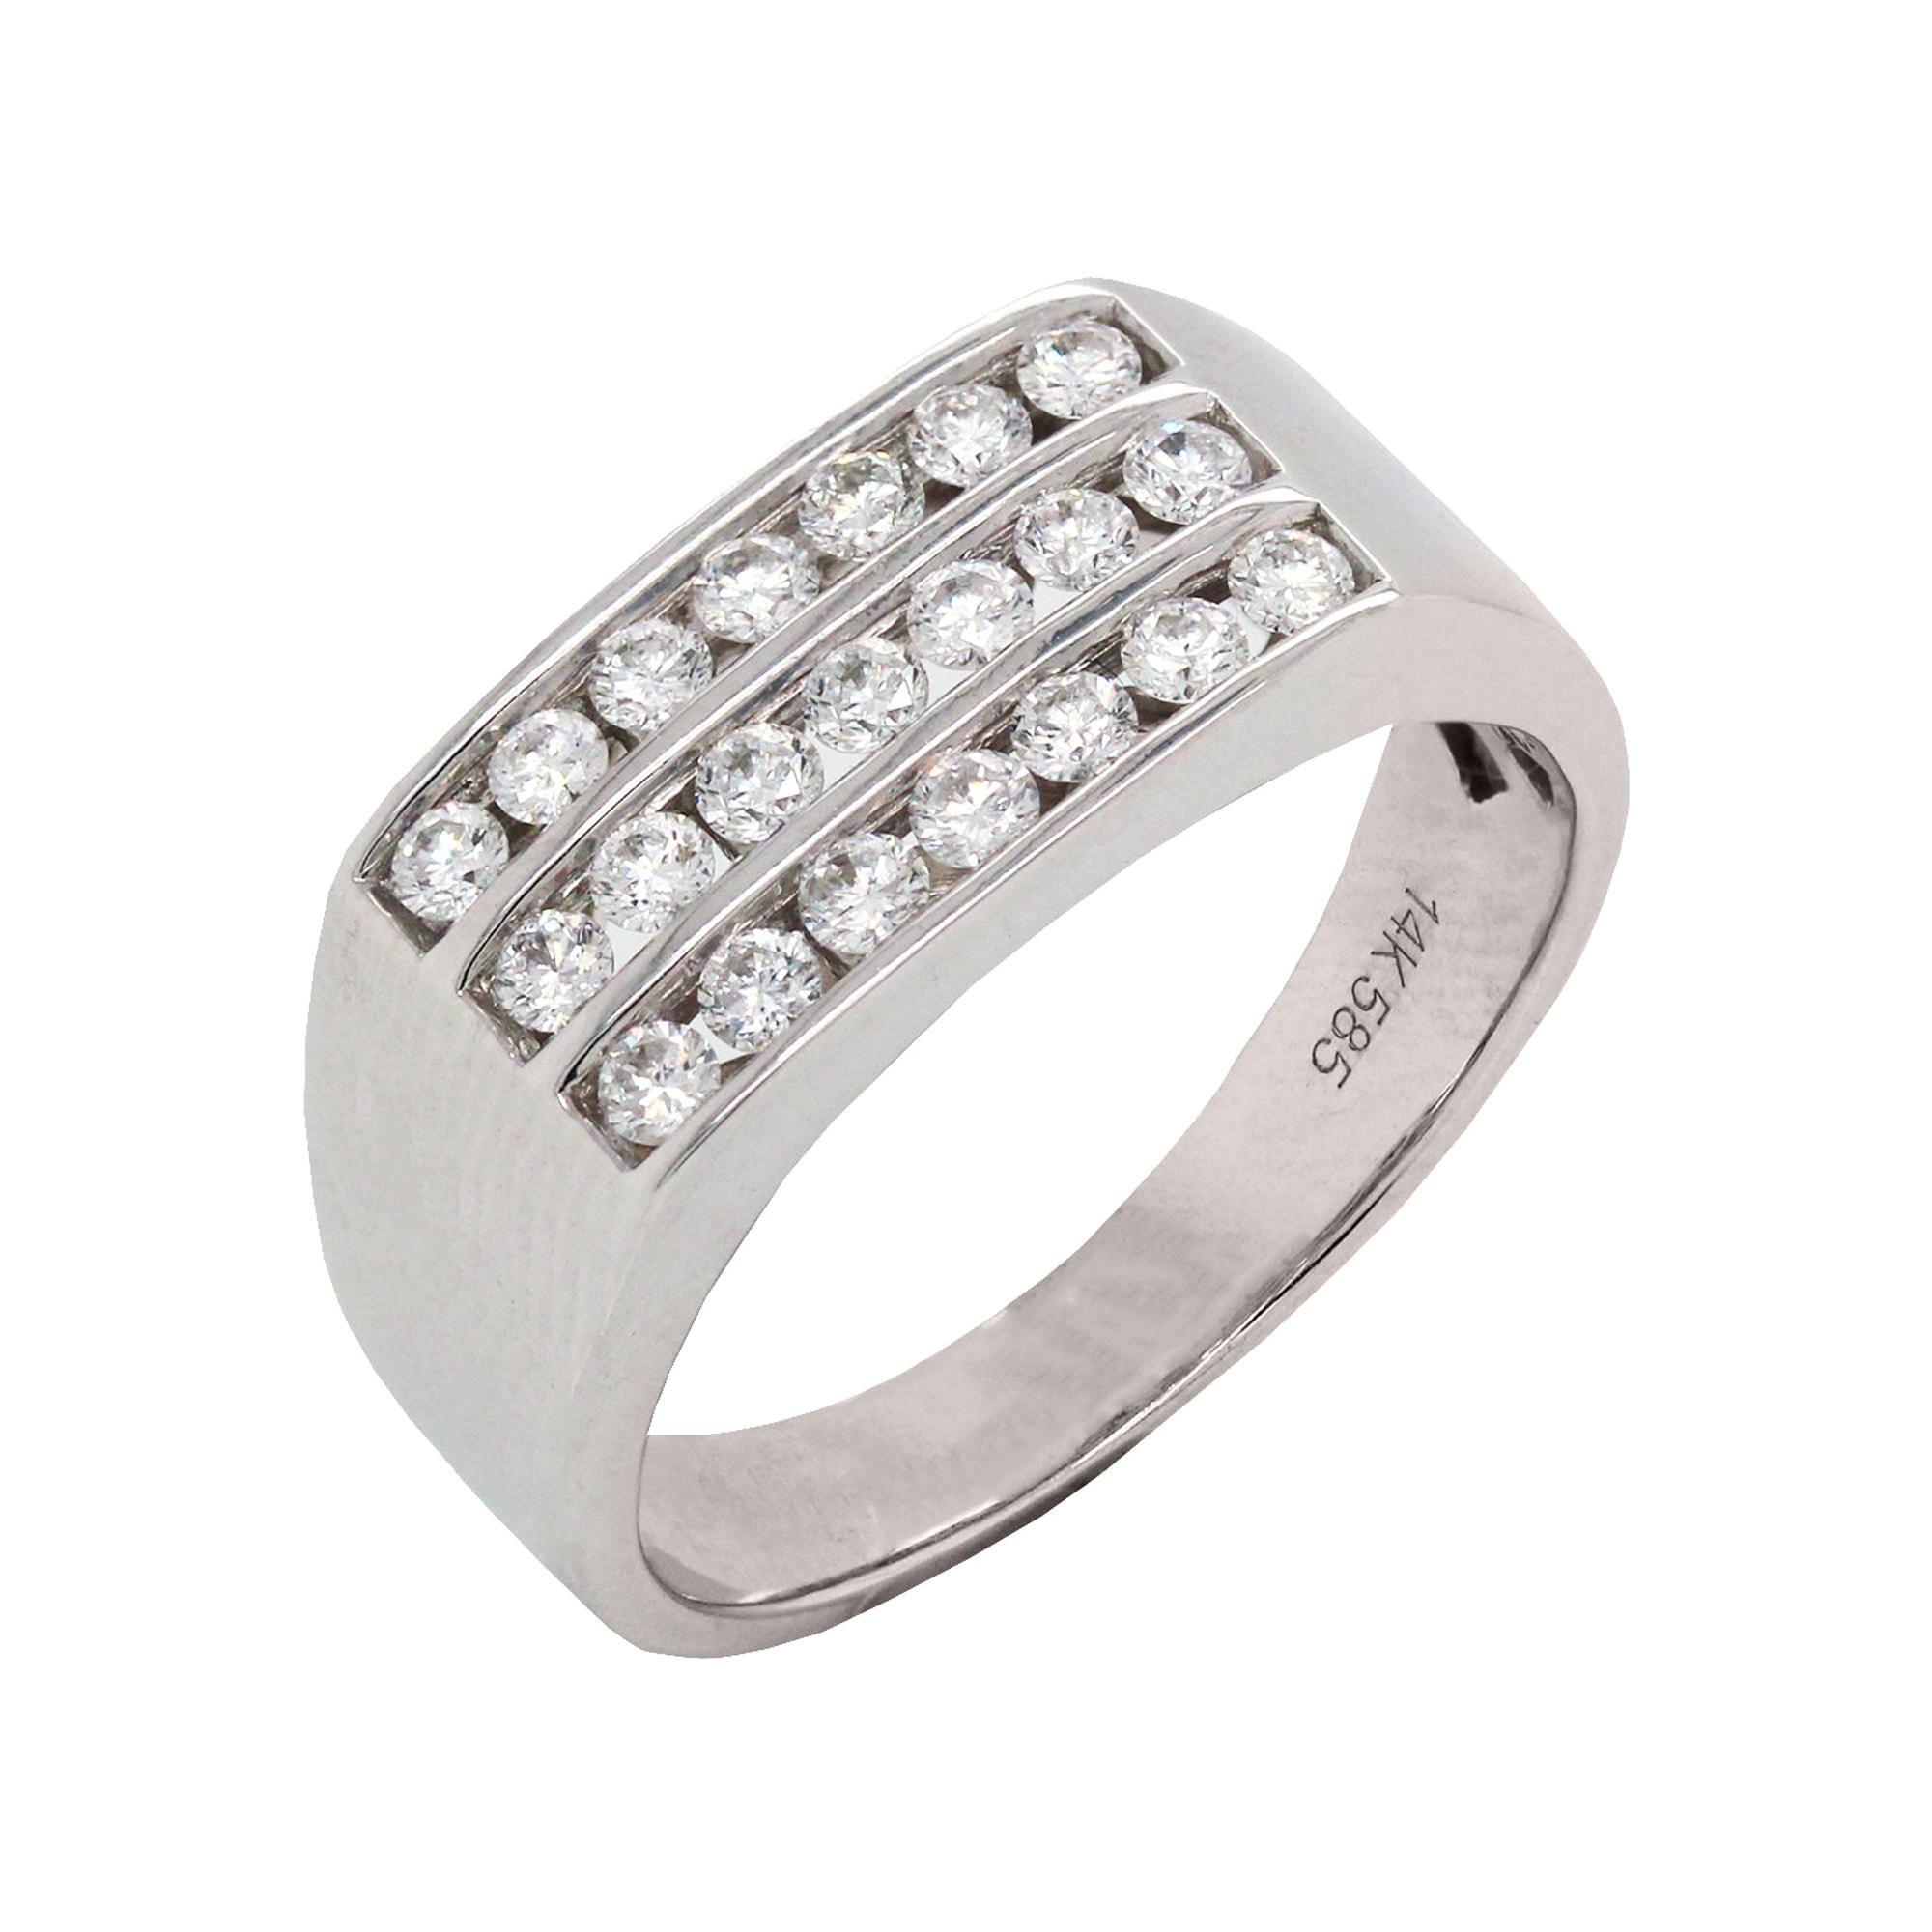 14 Karat White Gold and Diamond Men's Ring